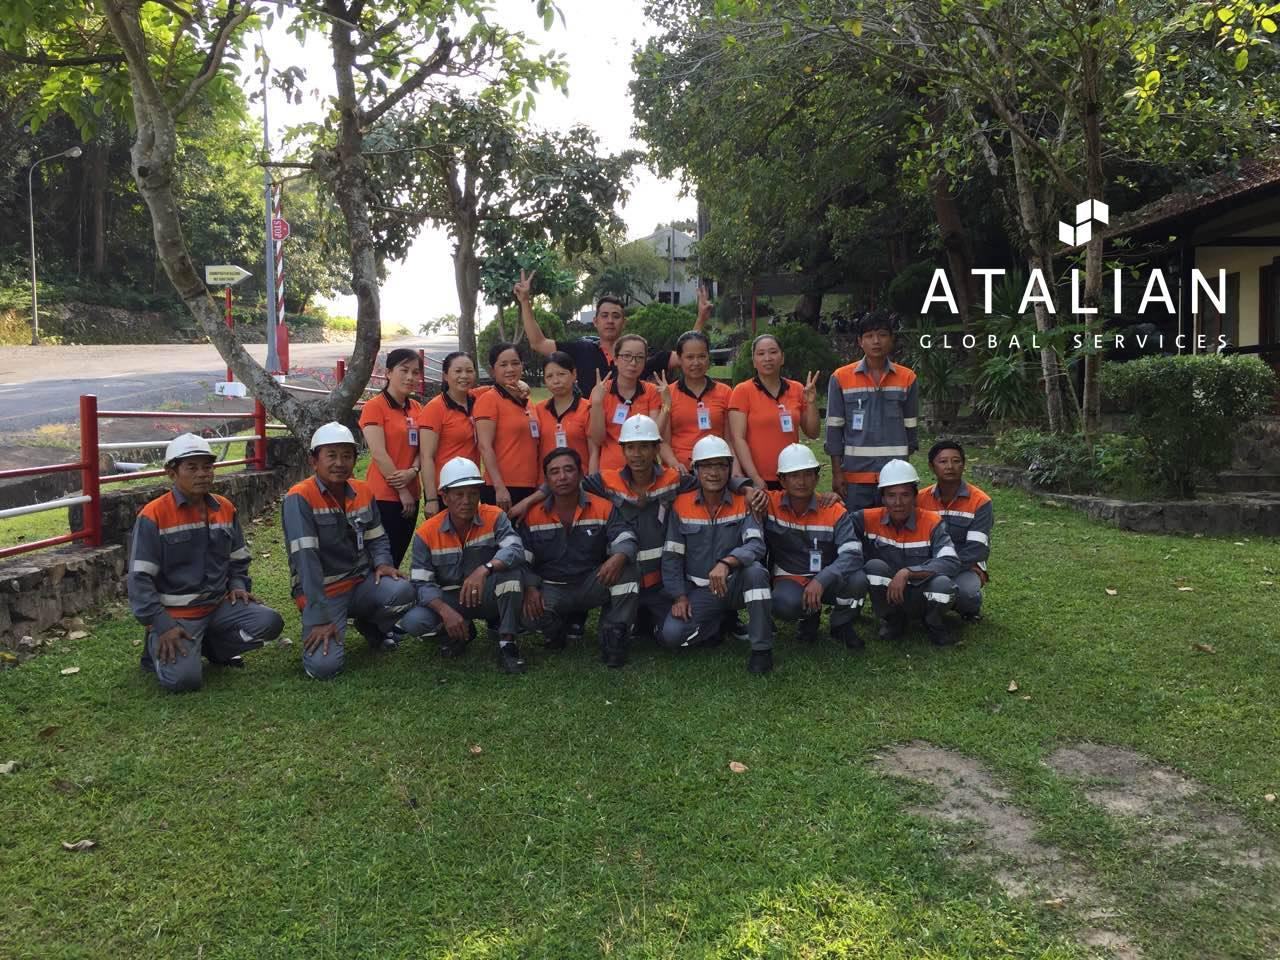 Công ty TNHH Unicare Atalian